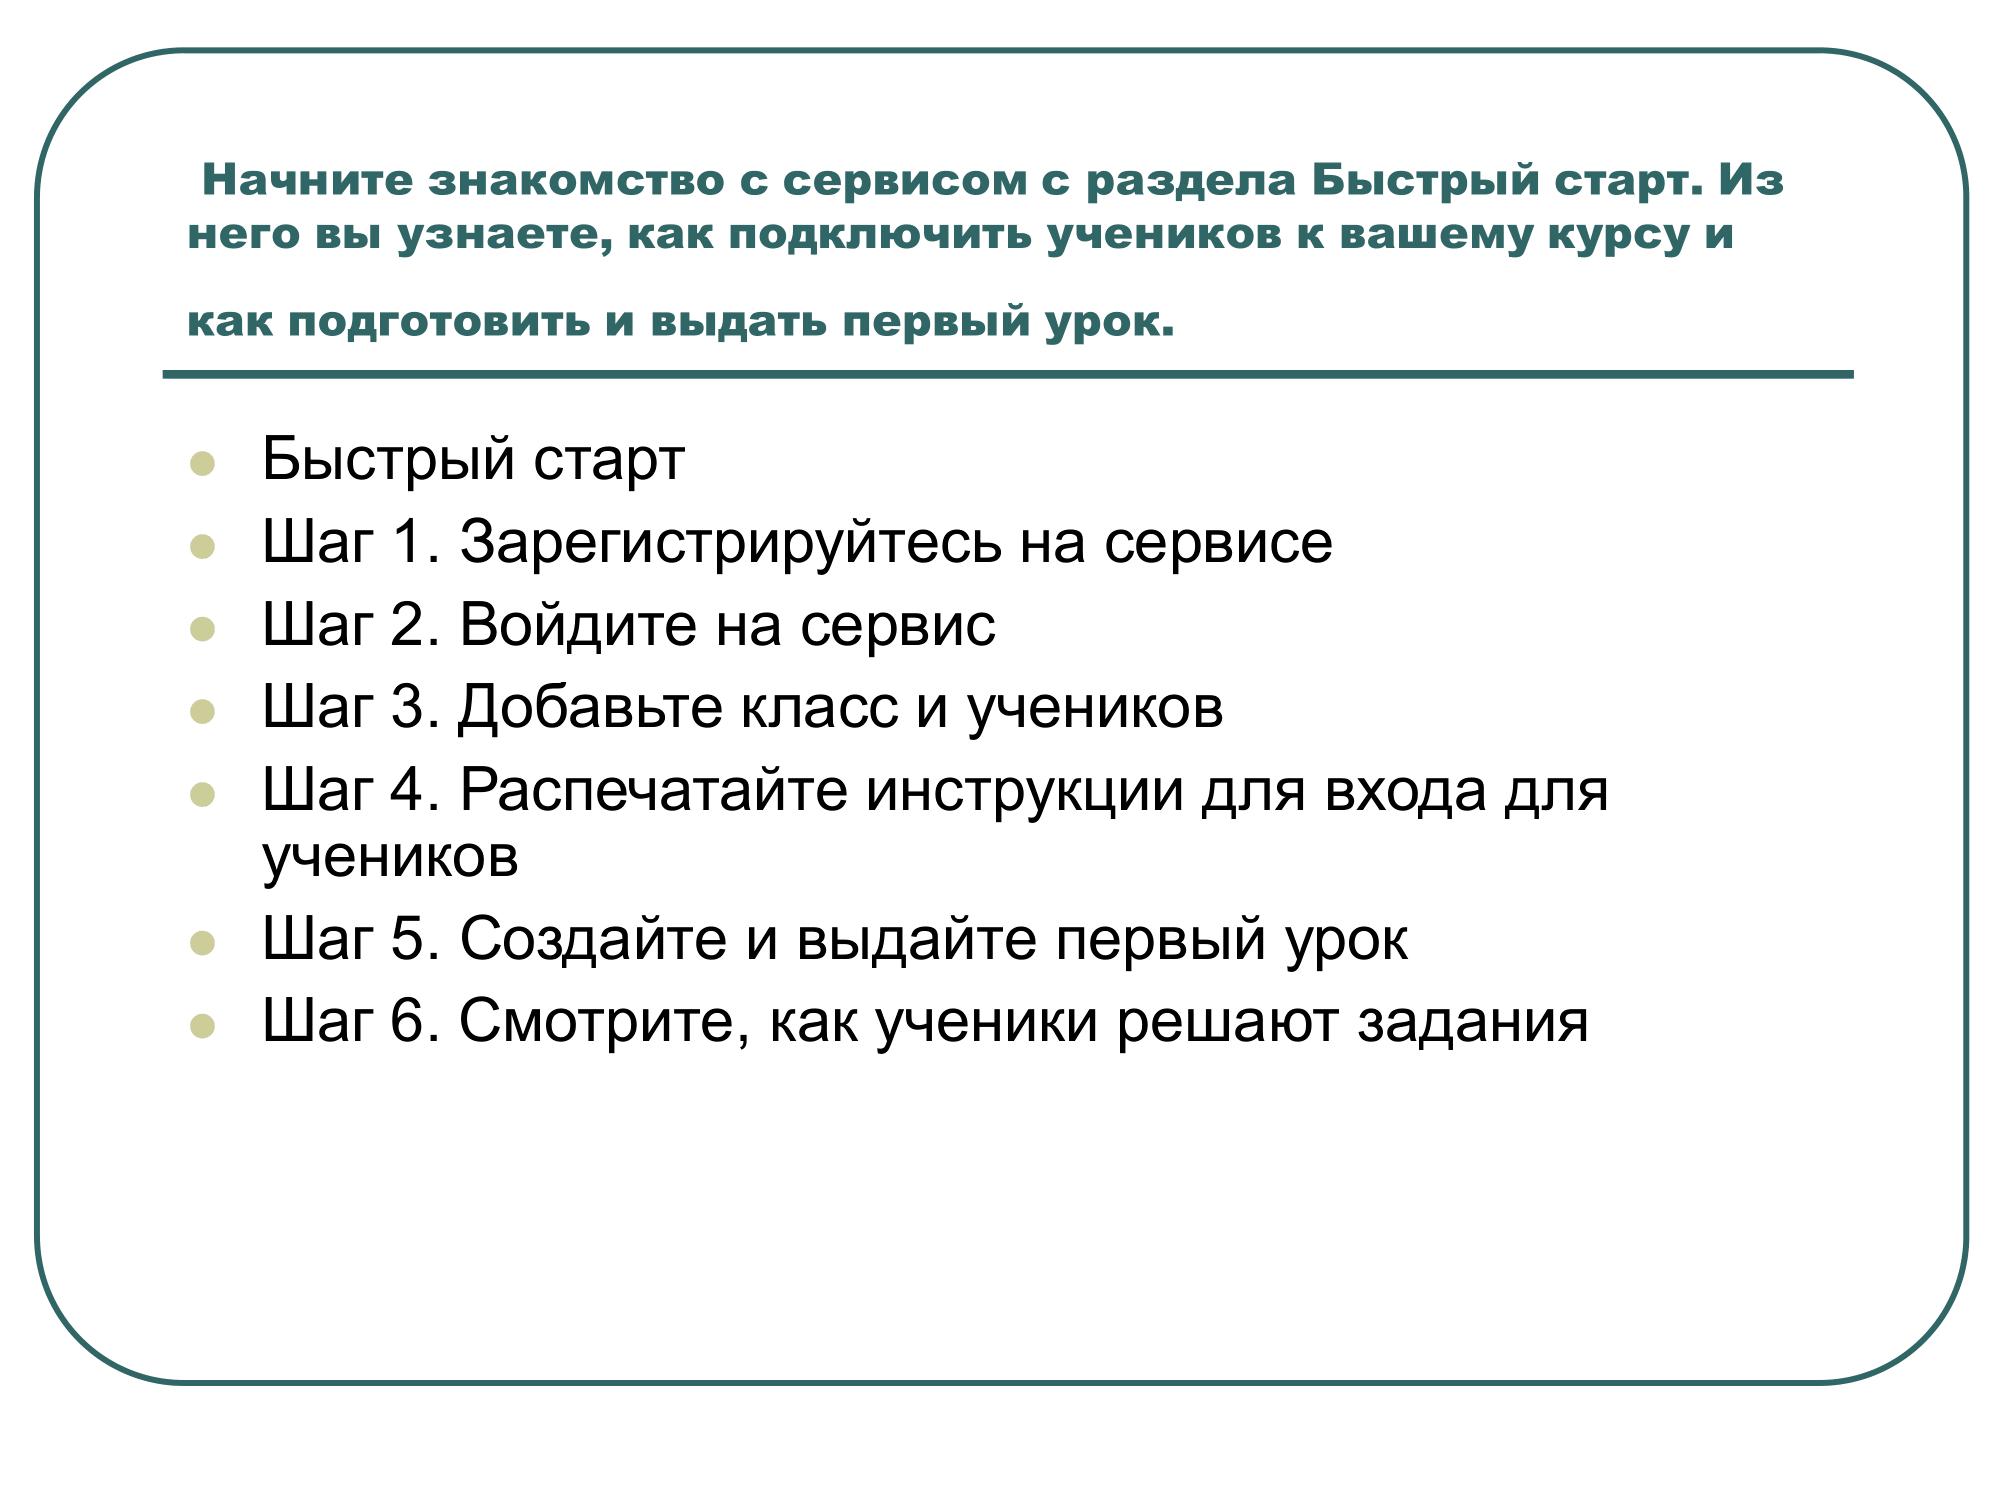 яндекс учебник. Презентация к докладу Васильченко Т.В._0002